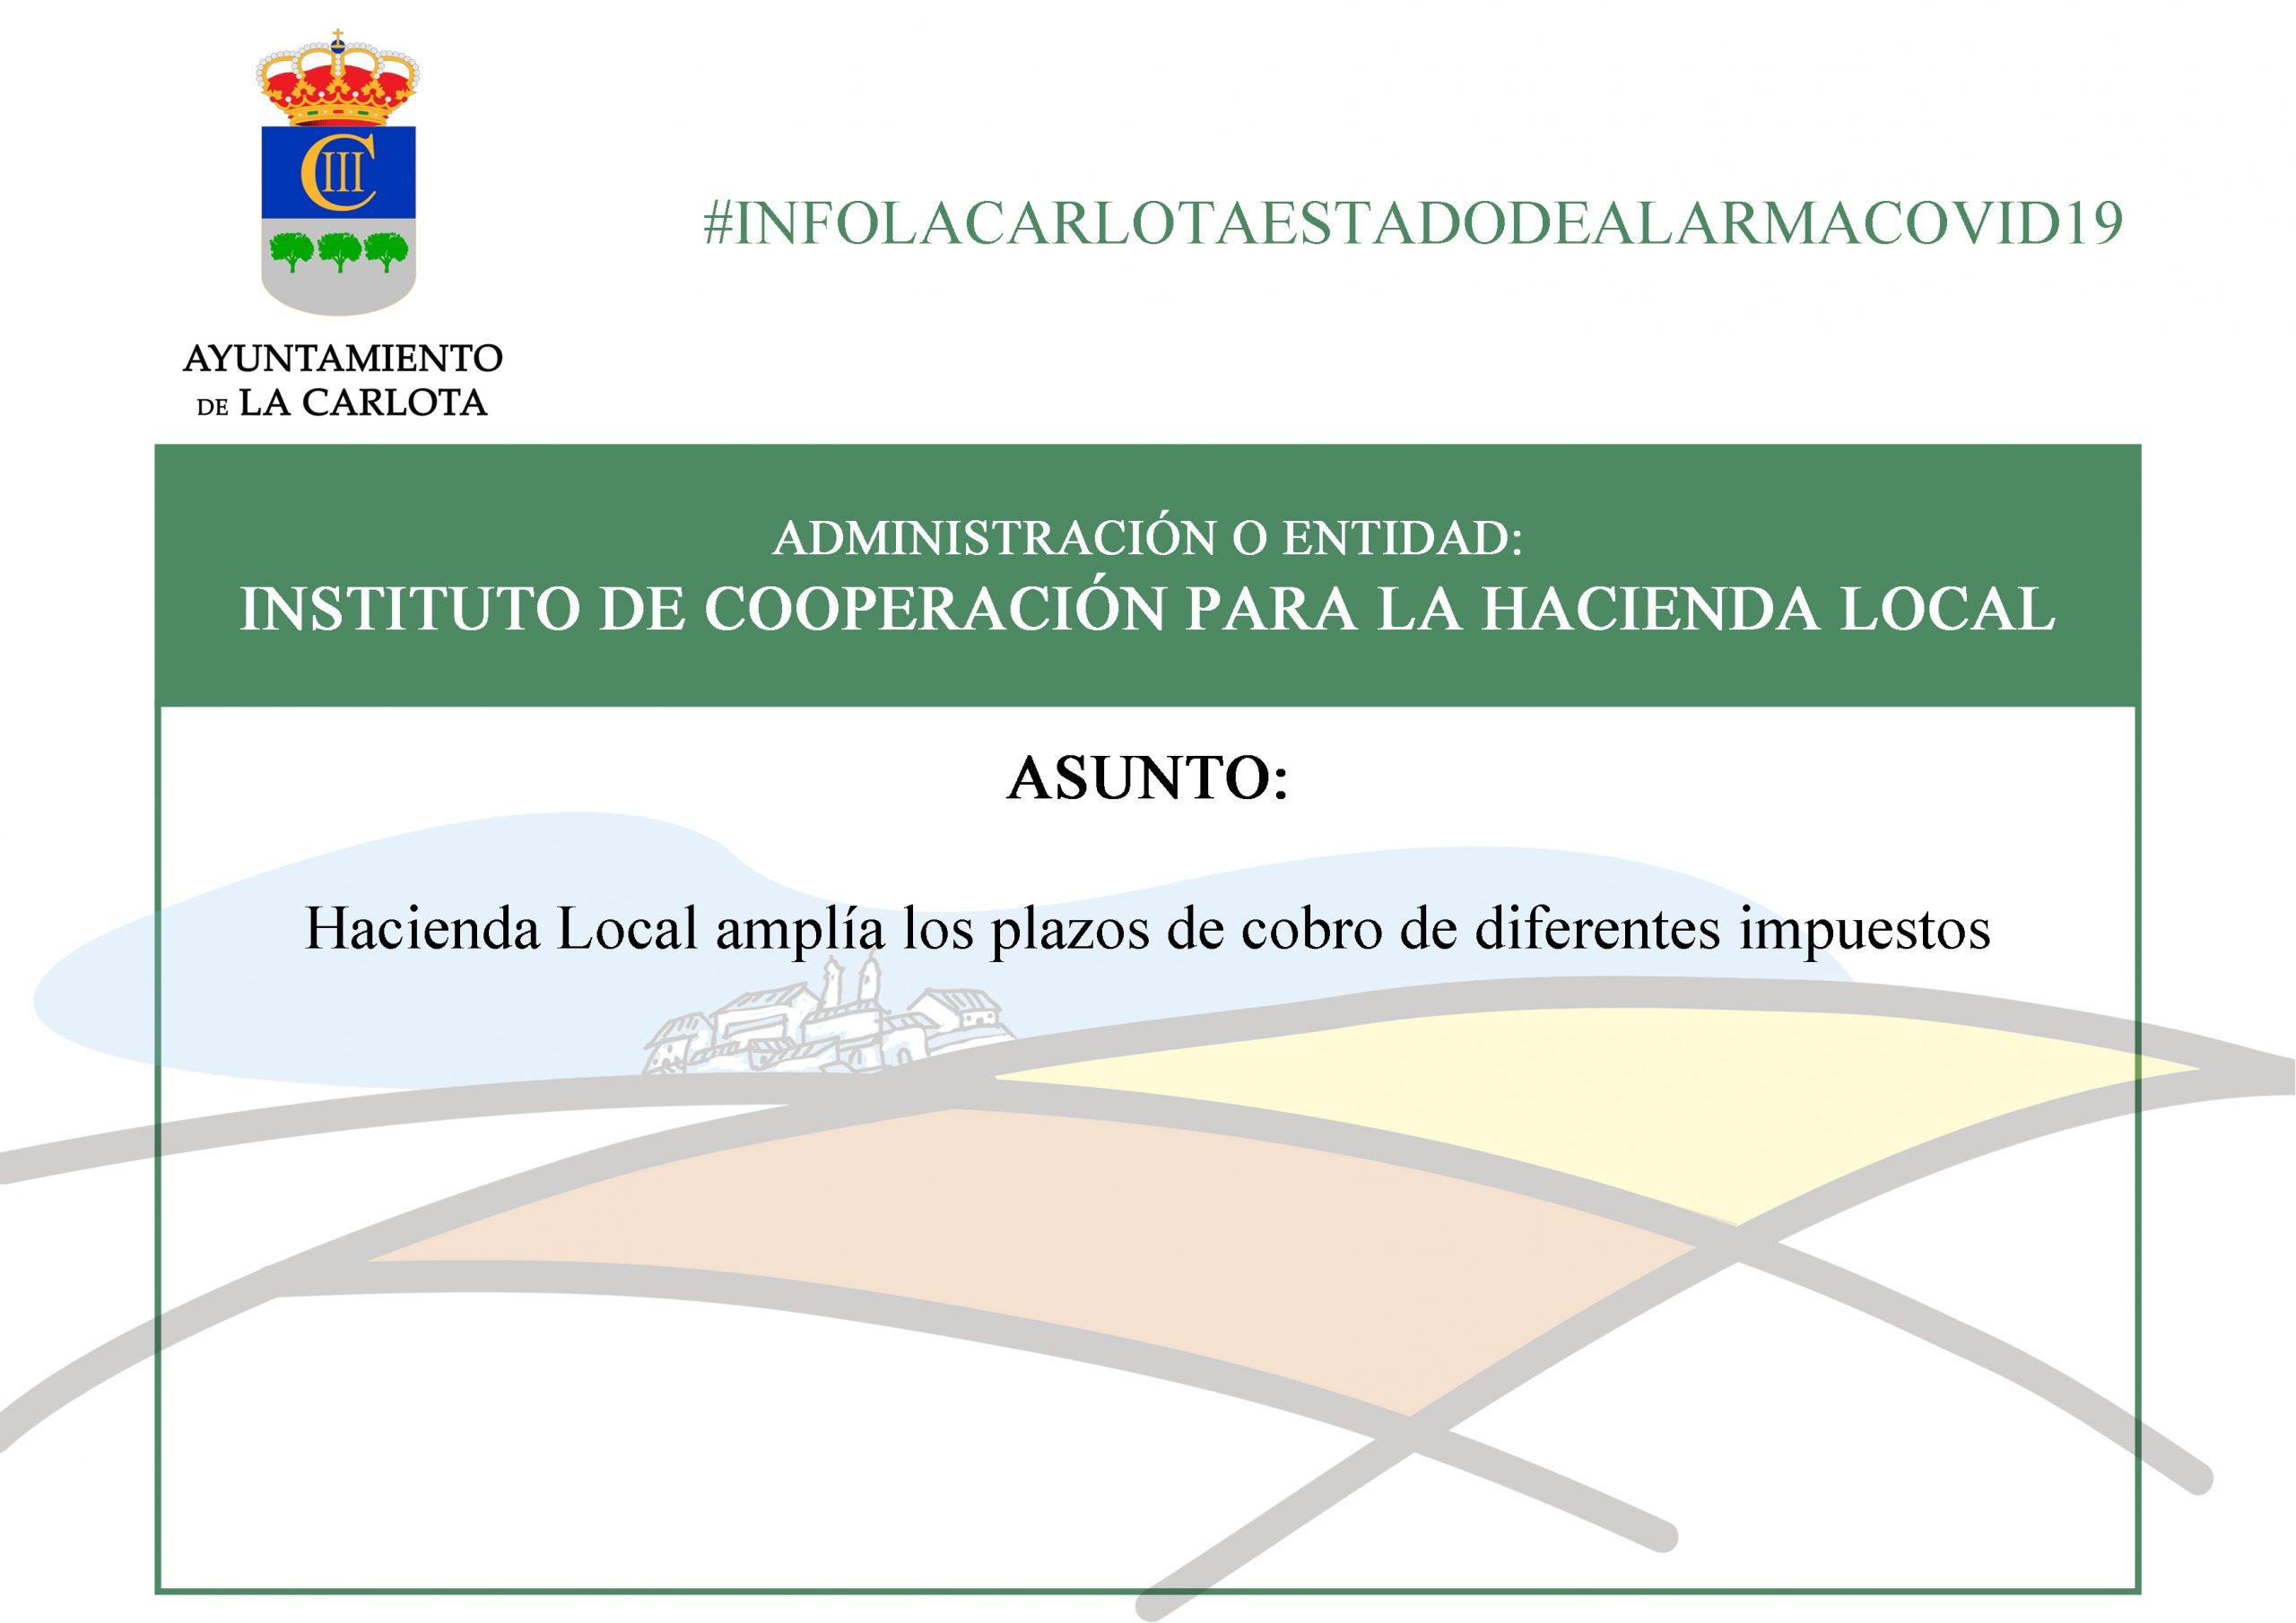 #INFOLACARLOTAESTADODEALARMACOVID19 HACIENDA LOCAL AMPLÍA LOS PLAZOS DE COBRO DE DIFERENTES IMPUESTOS 1